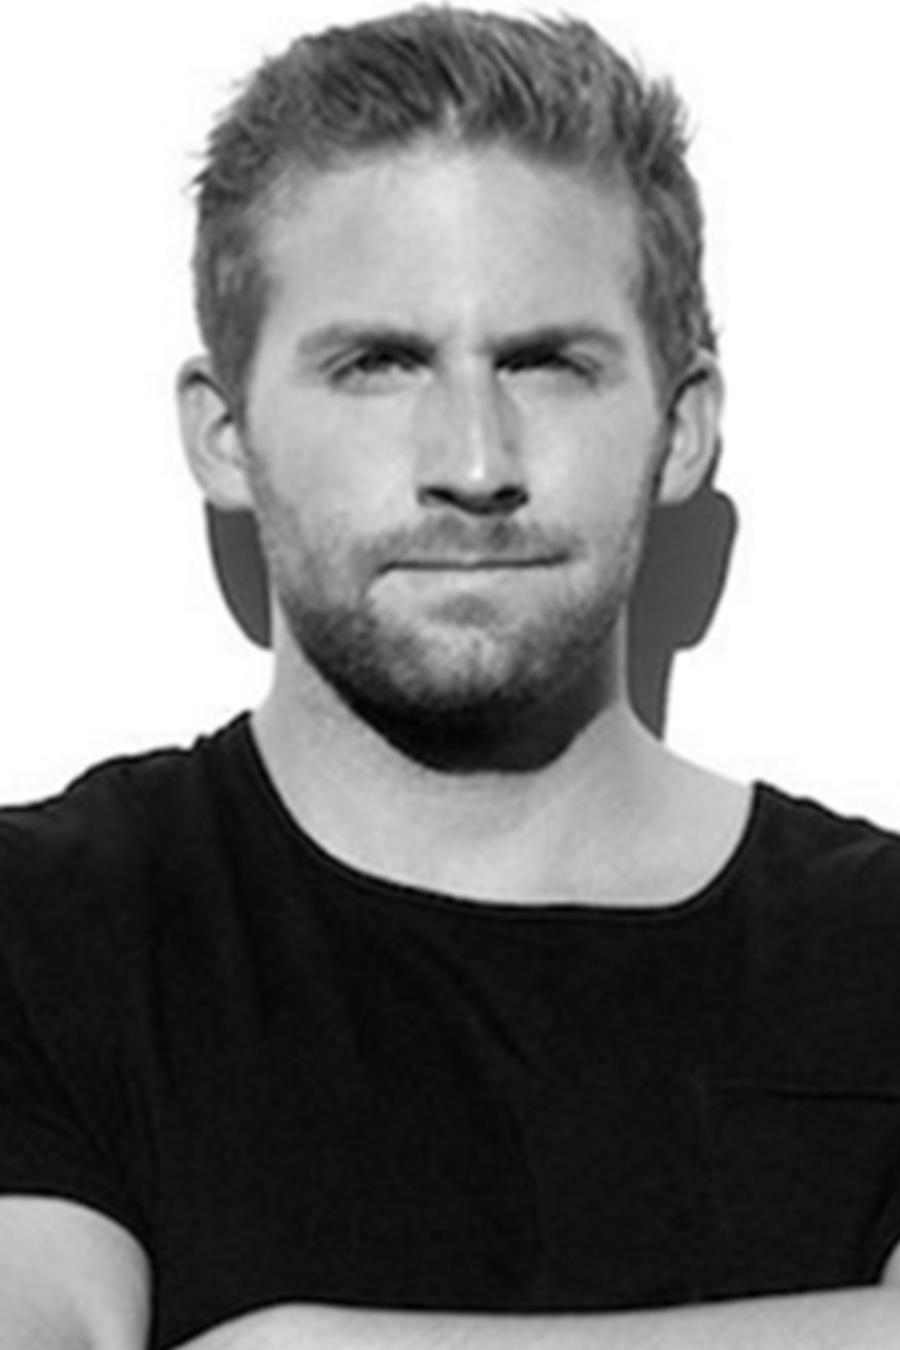 Los gemelos que son idénticos al actor Bradley Cooper